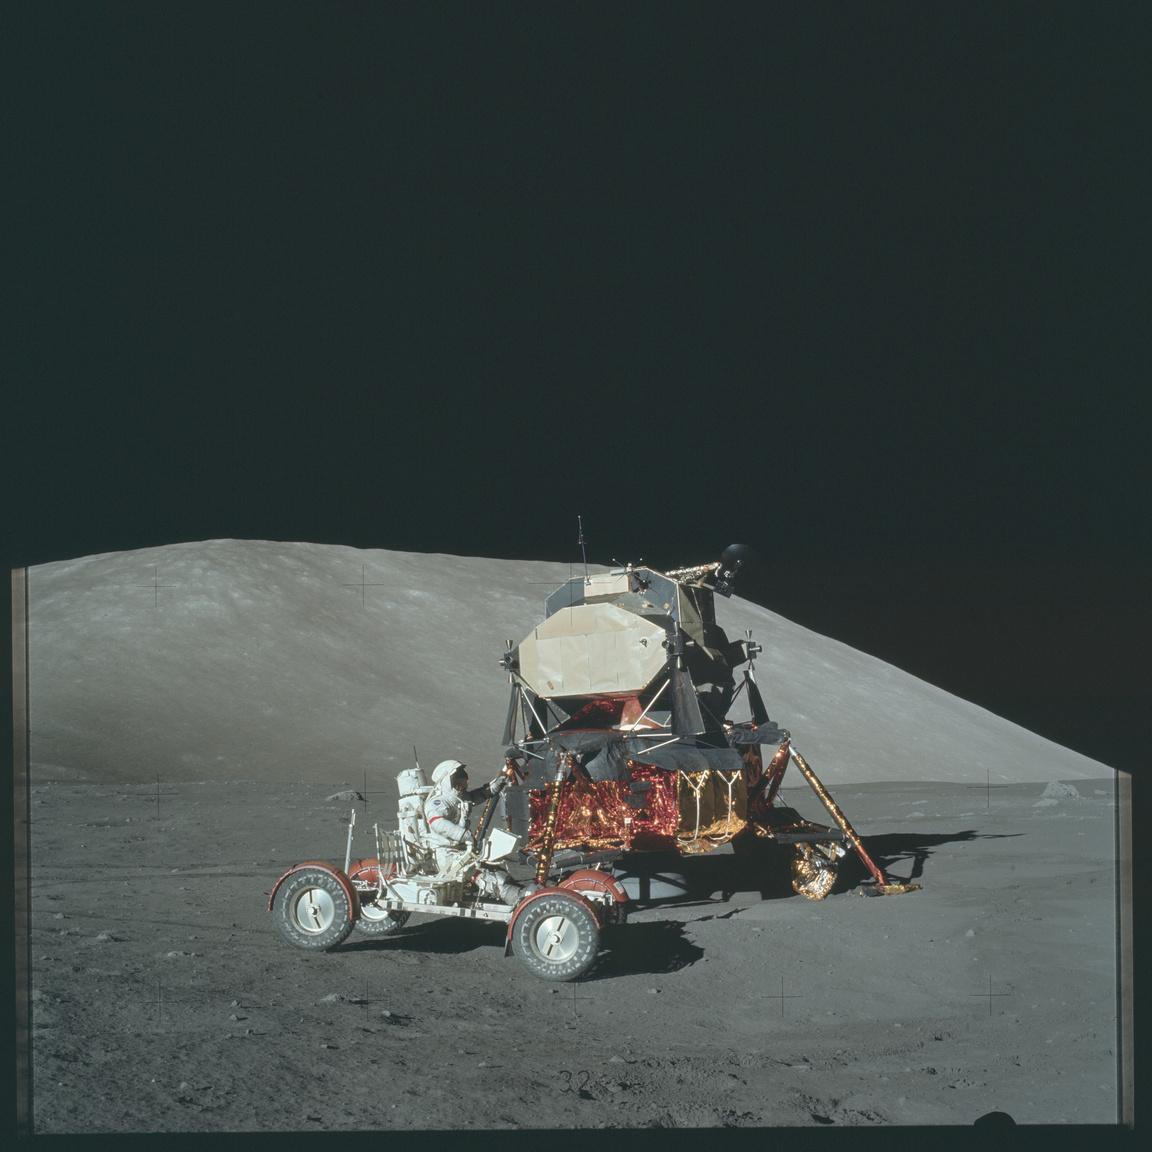 Holdjáró, holdkomp, 44 év telt el azóta.